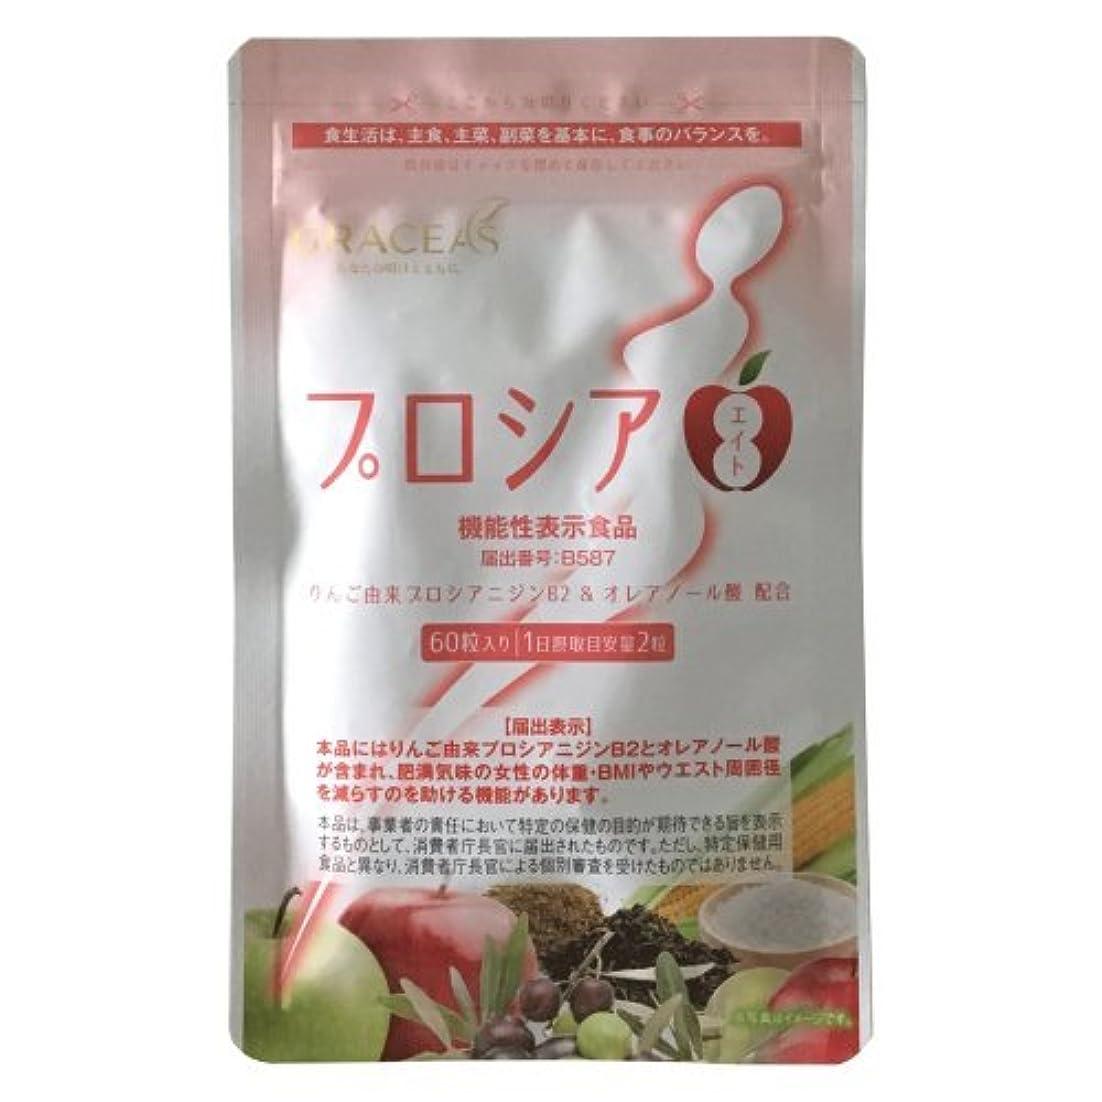 割り込み残り物飲料プロシア8(エイト) 60粒 機能性表示食品